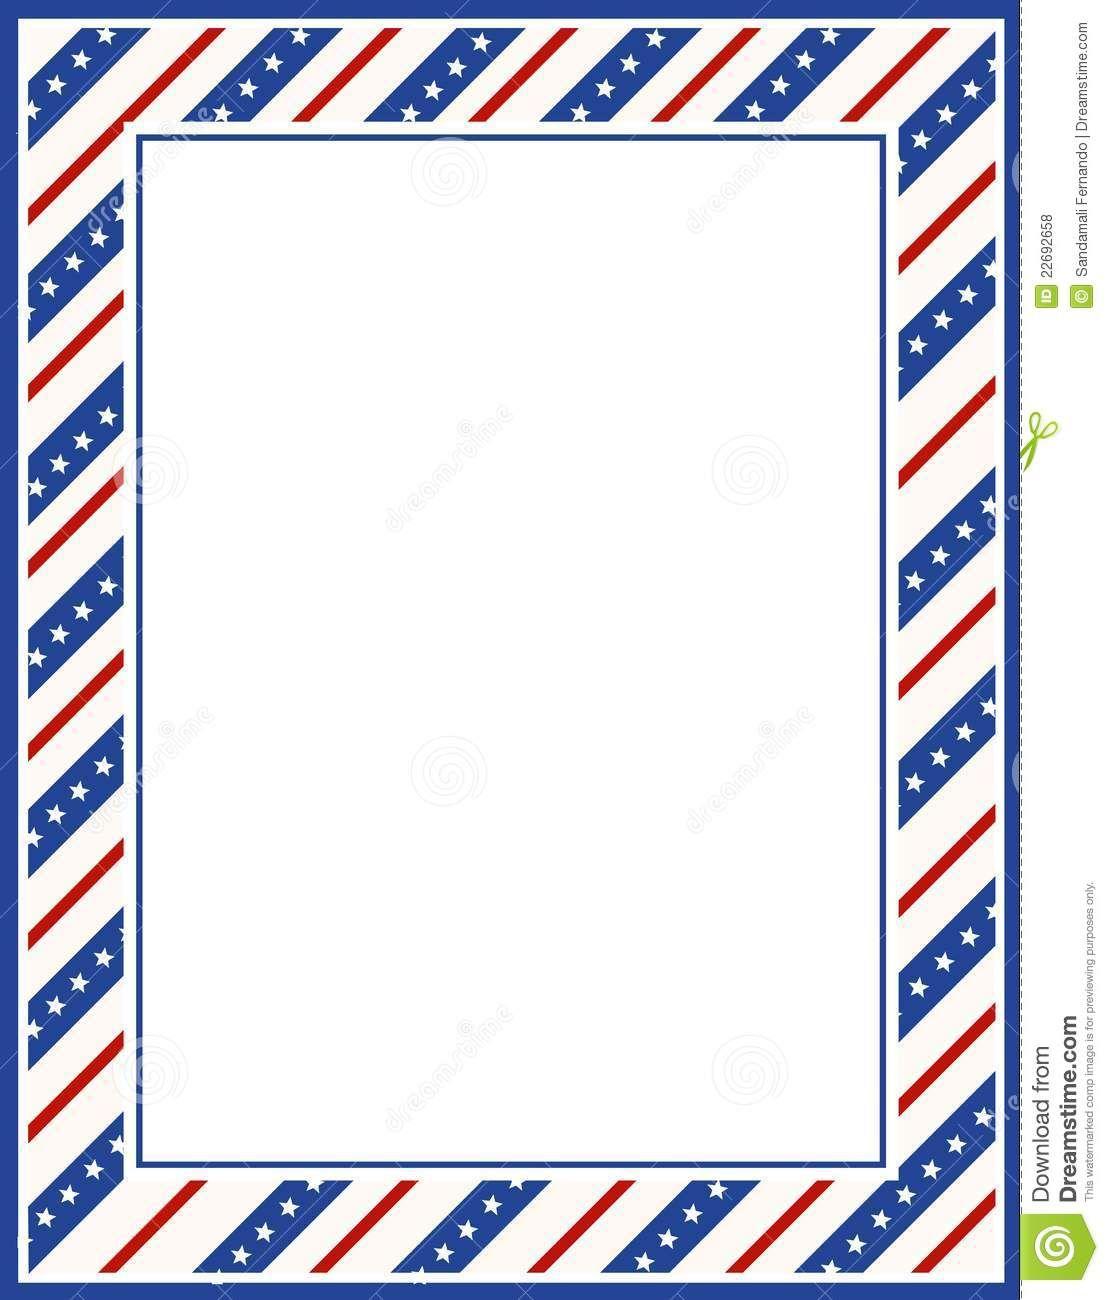 Free Patriotic Page Borders   Patriotic border   PATRIOTISM, THE ...